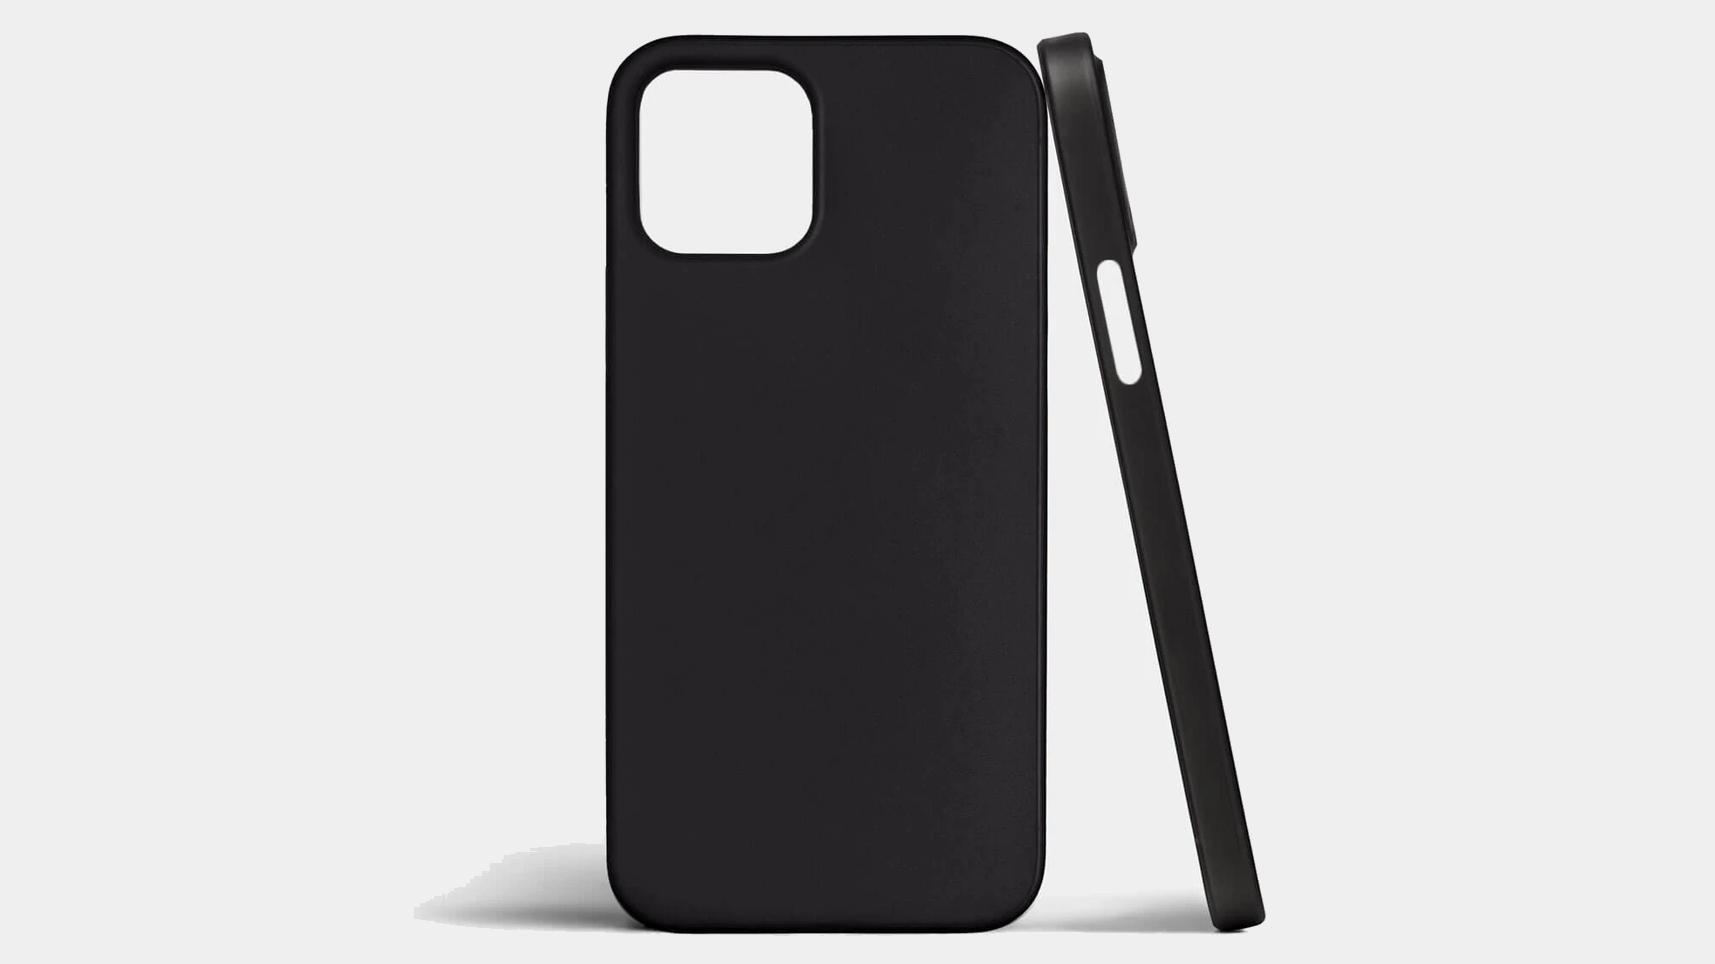 iPhone 12 Max case